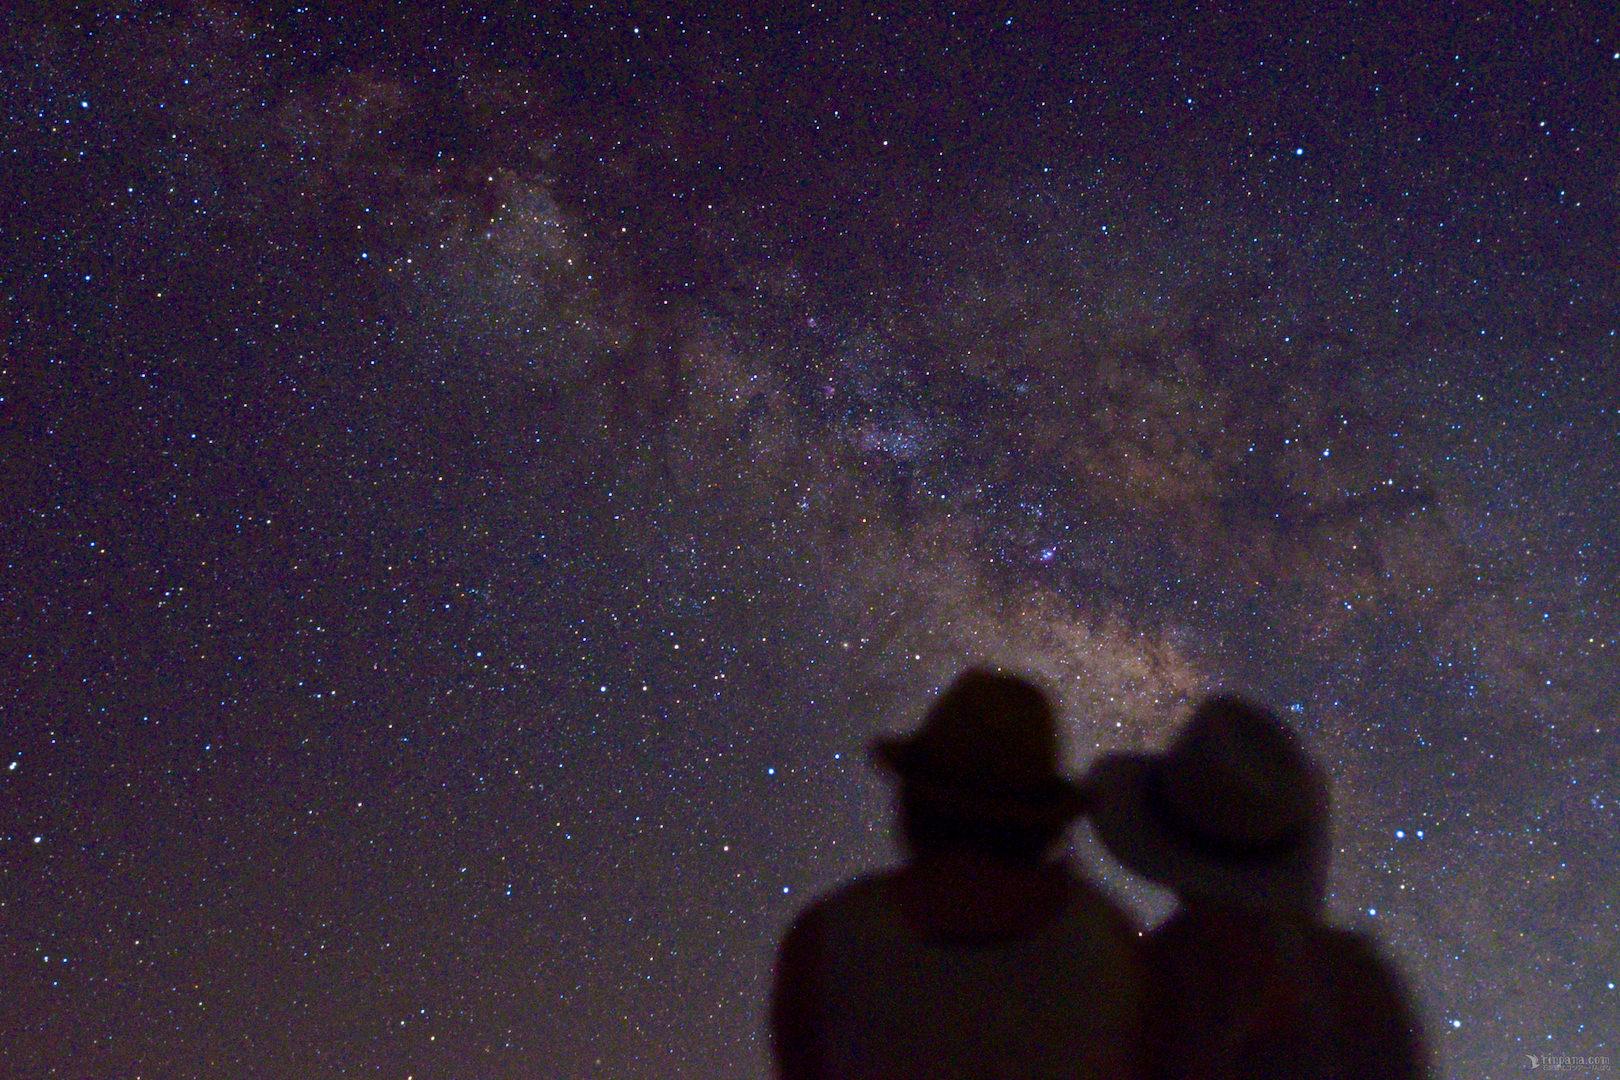 2018年 天の川が最も良く観察できる日をまとめた[星空カレンダー]